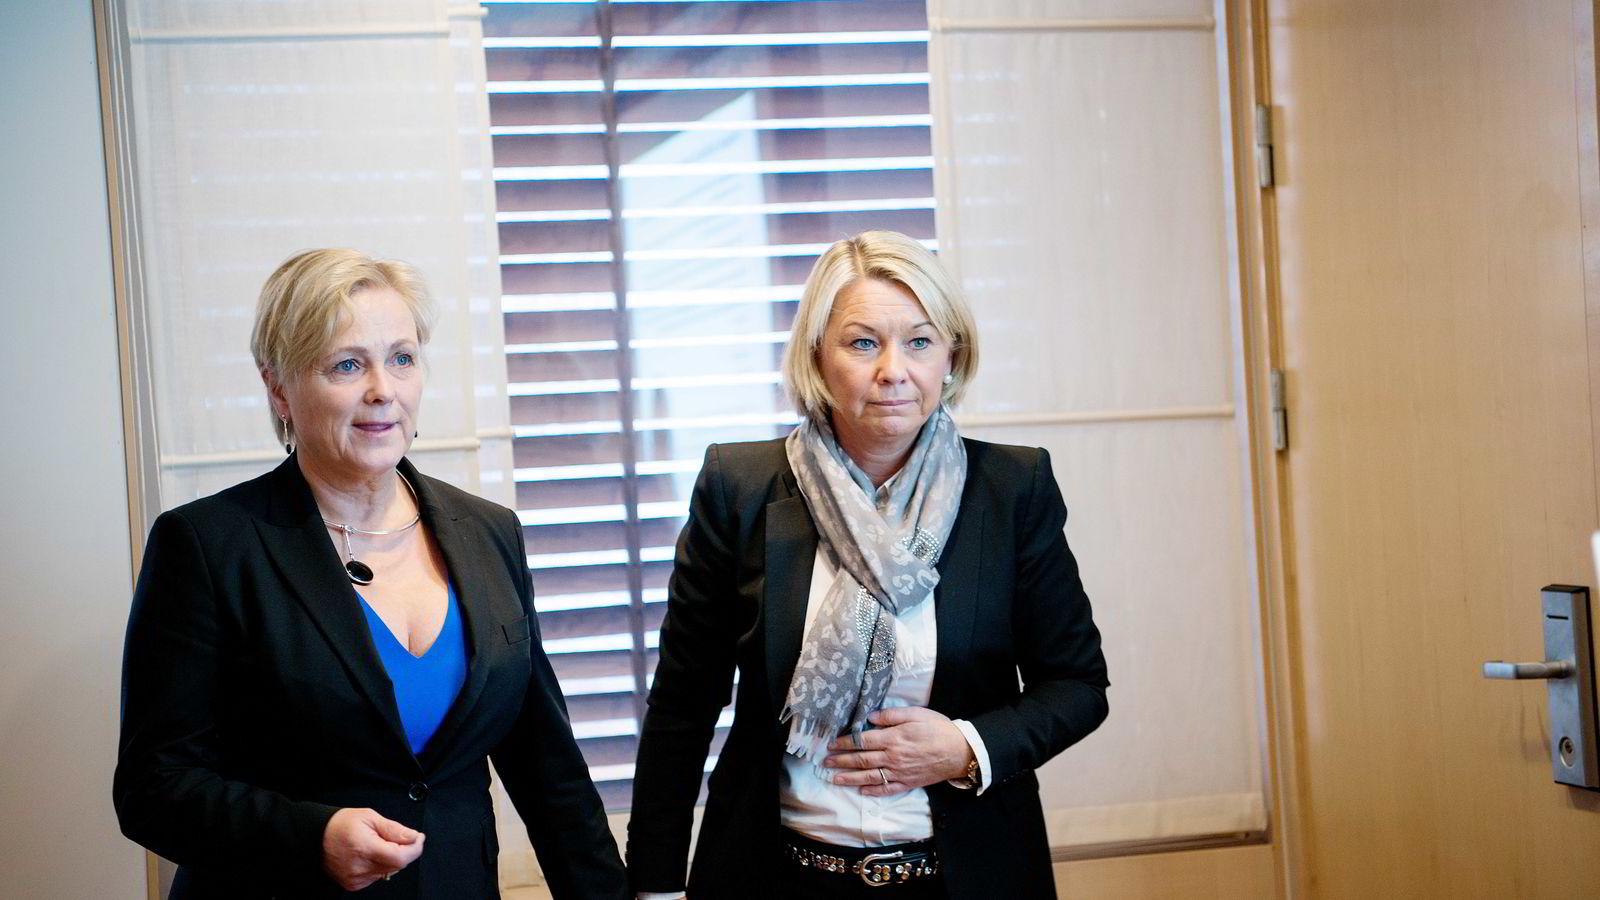 Det ble sendt flere SMS-meldinger mellom næringsminister Monica Mæland (H) og partifelle Thorhild Widvey i forkant av utnevnelsen av Widvey som styreleder i Statkraft. Mæland nekter å offentliggjøre SMS-ene.